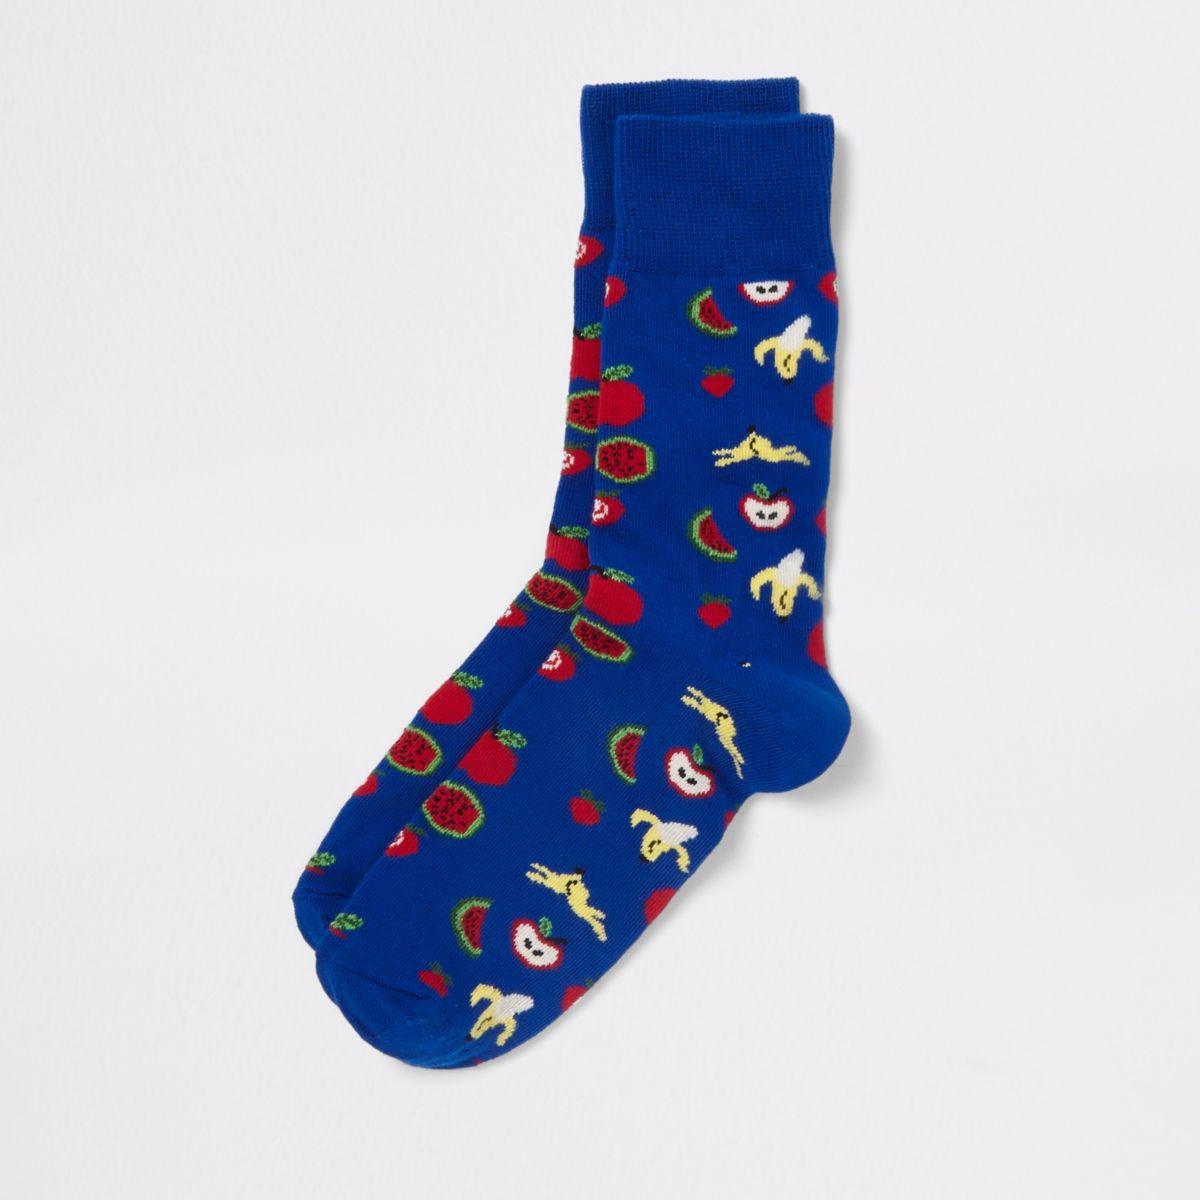 Blue fruit novelty socks